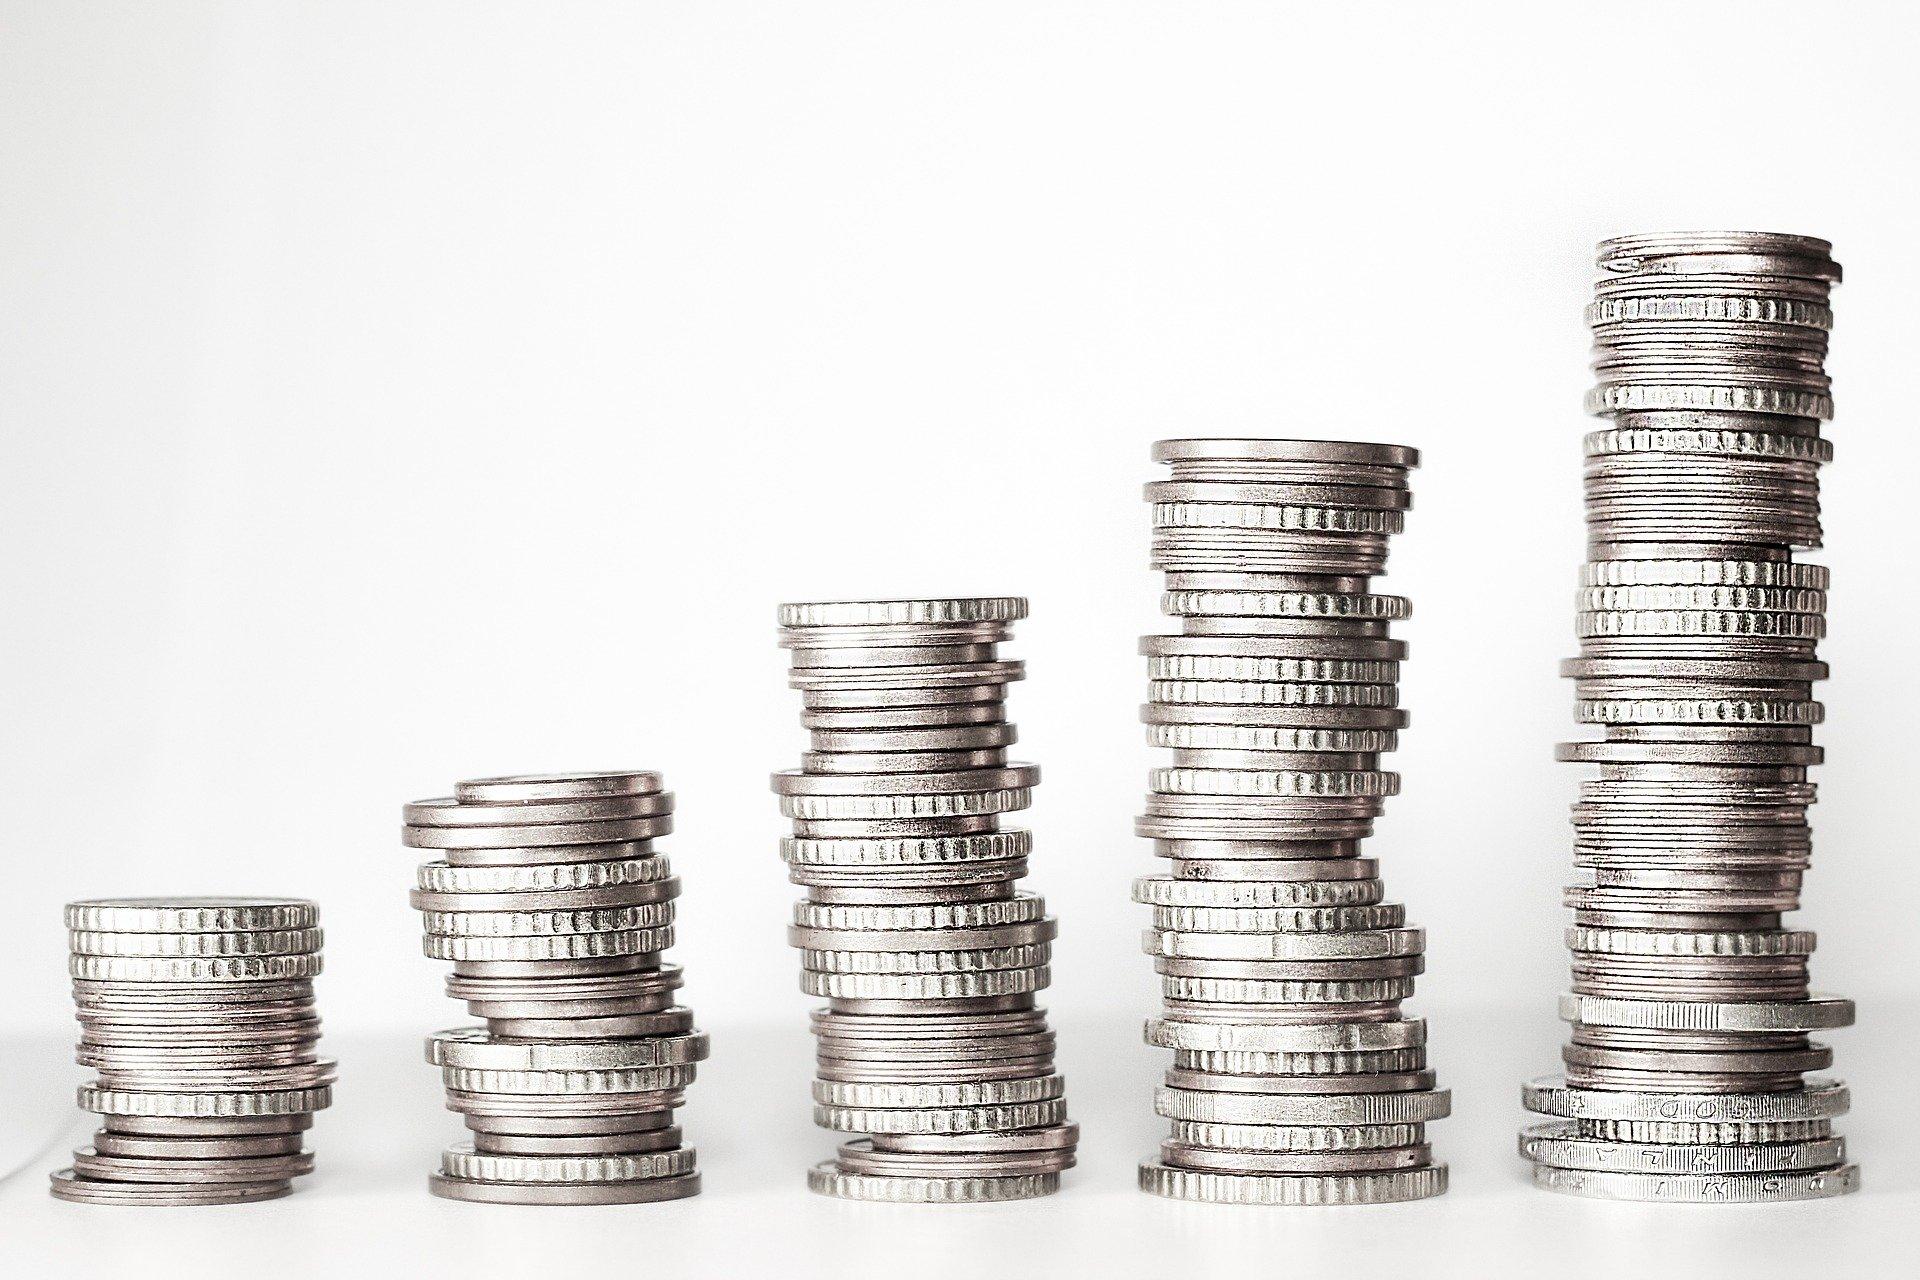 Як оформити тендерне забезпечення у вигляді електронної банківської гарантії